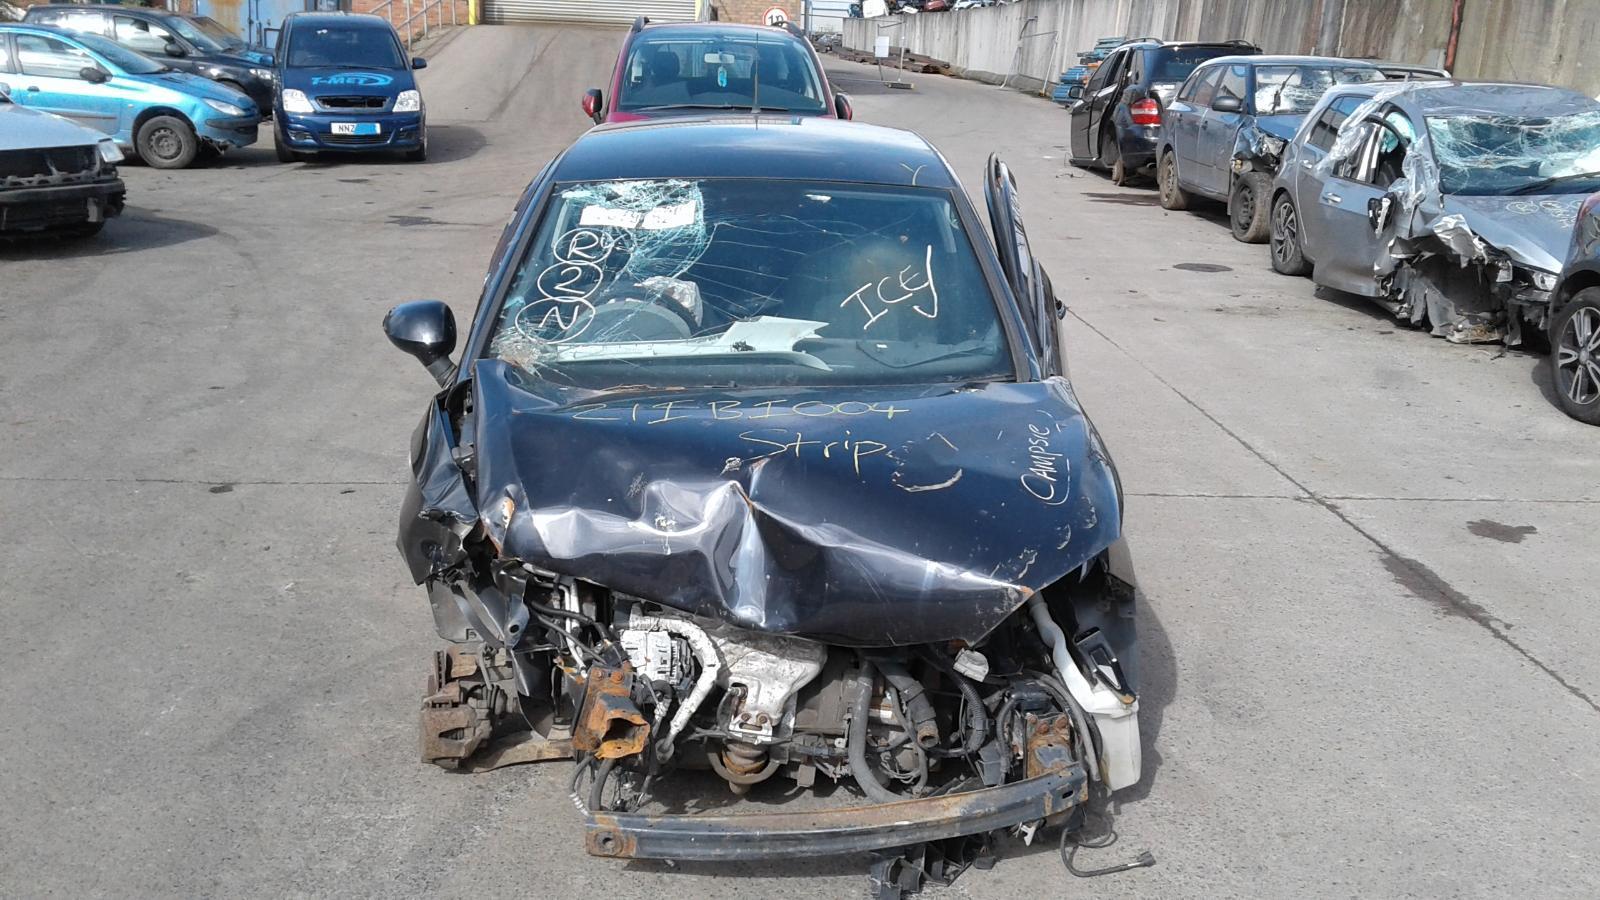 2010 SEAT IBIZA Image